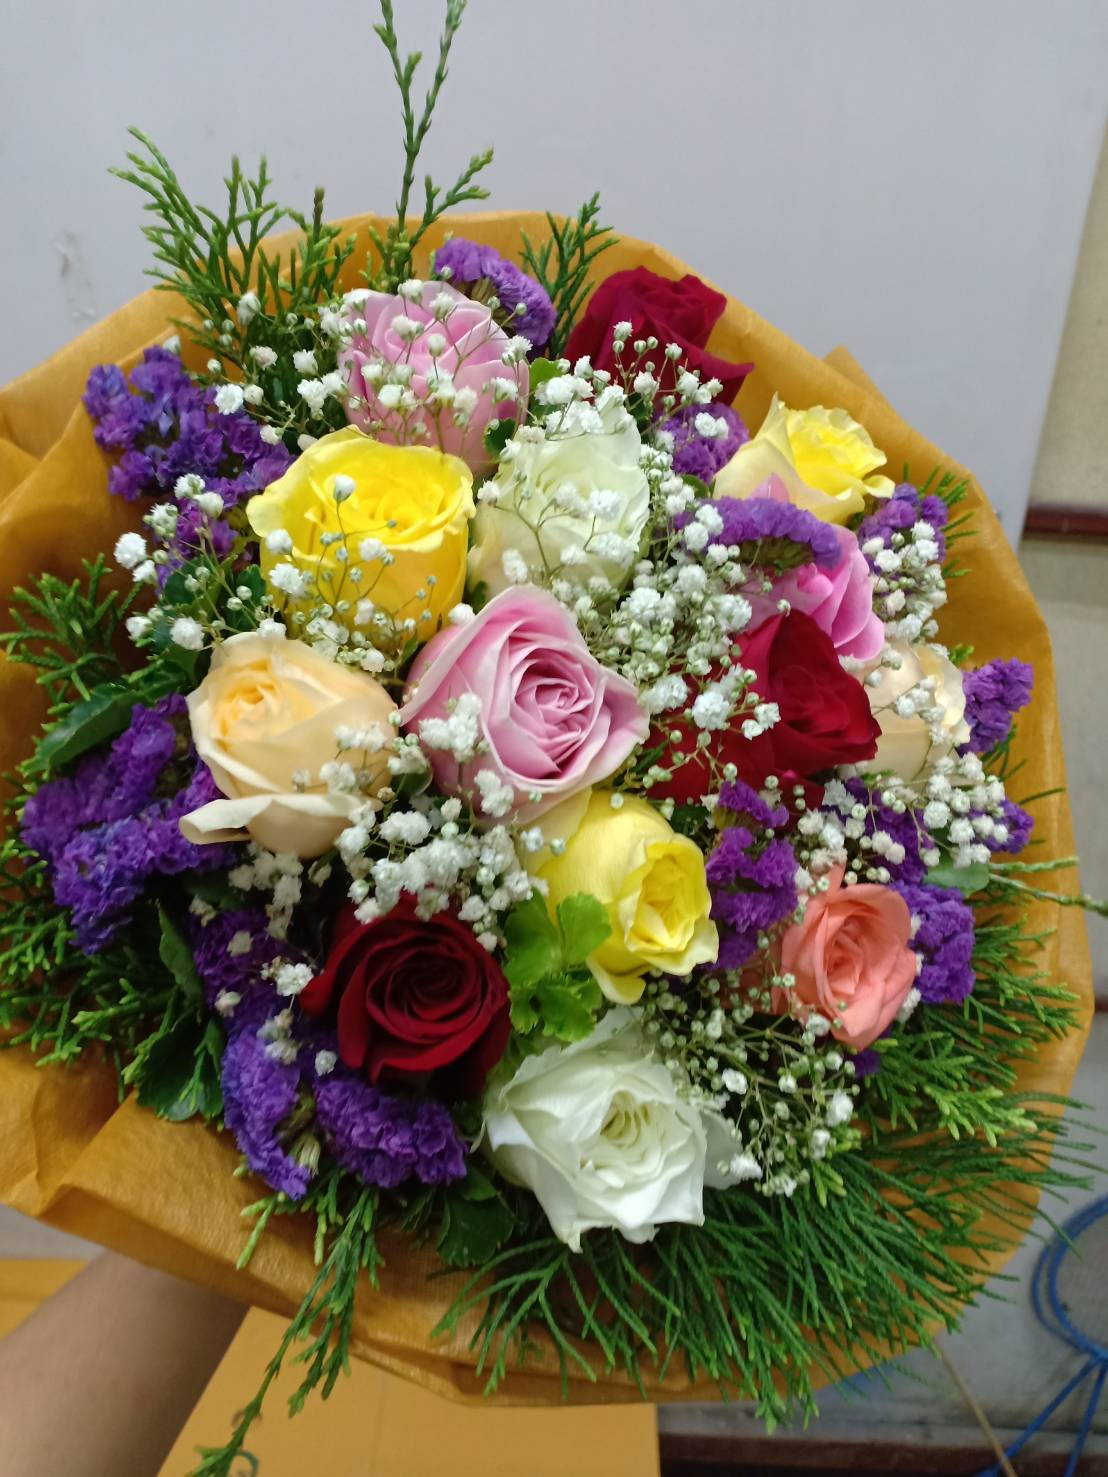 ดอกกุหลาบคละสีแซมด้วยดอกสแตติสและดอกยิปโซถูกจัดแต่งรวมกันเป็นช่ออย่างสวยงาม